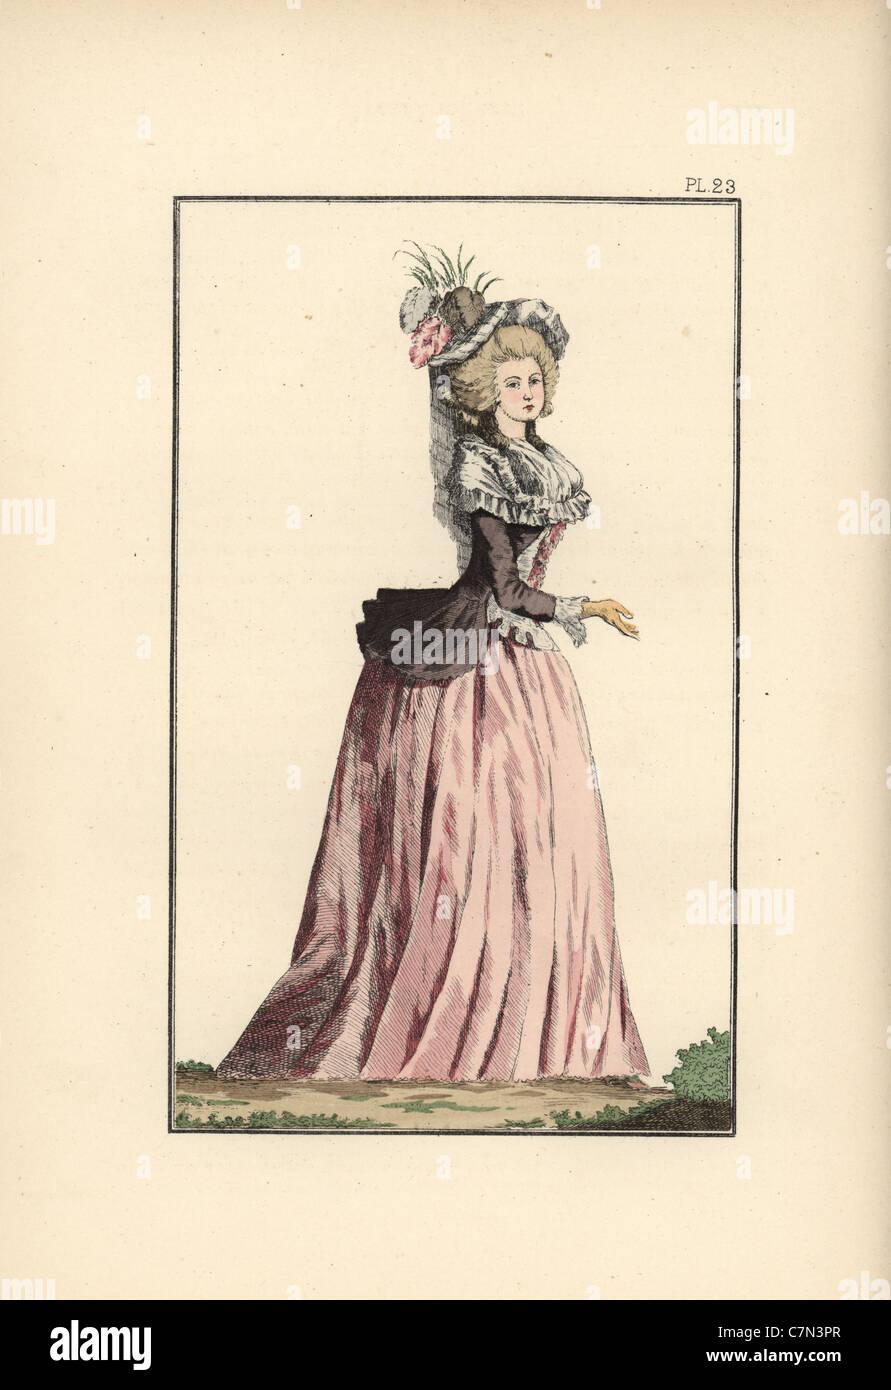 Donna in taffettà puce caraco oltre un petticoat di taffetà rosa. Immagini  Stock 78986b09778a